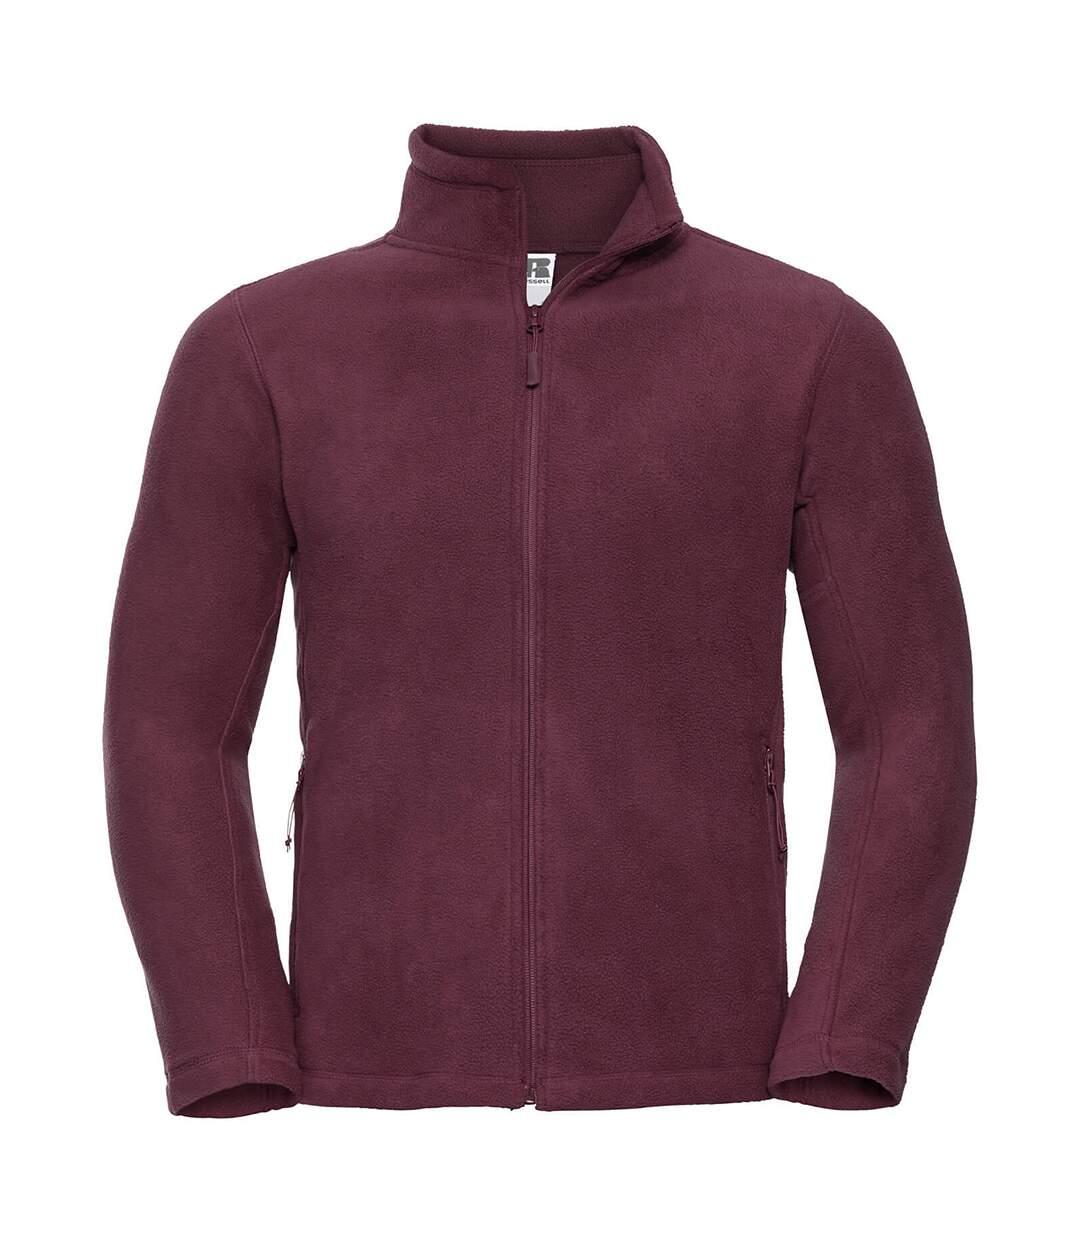 Russell Mens Full Zip Outdoor Fleece Jacket (Burgundy) - UTBC575